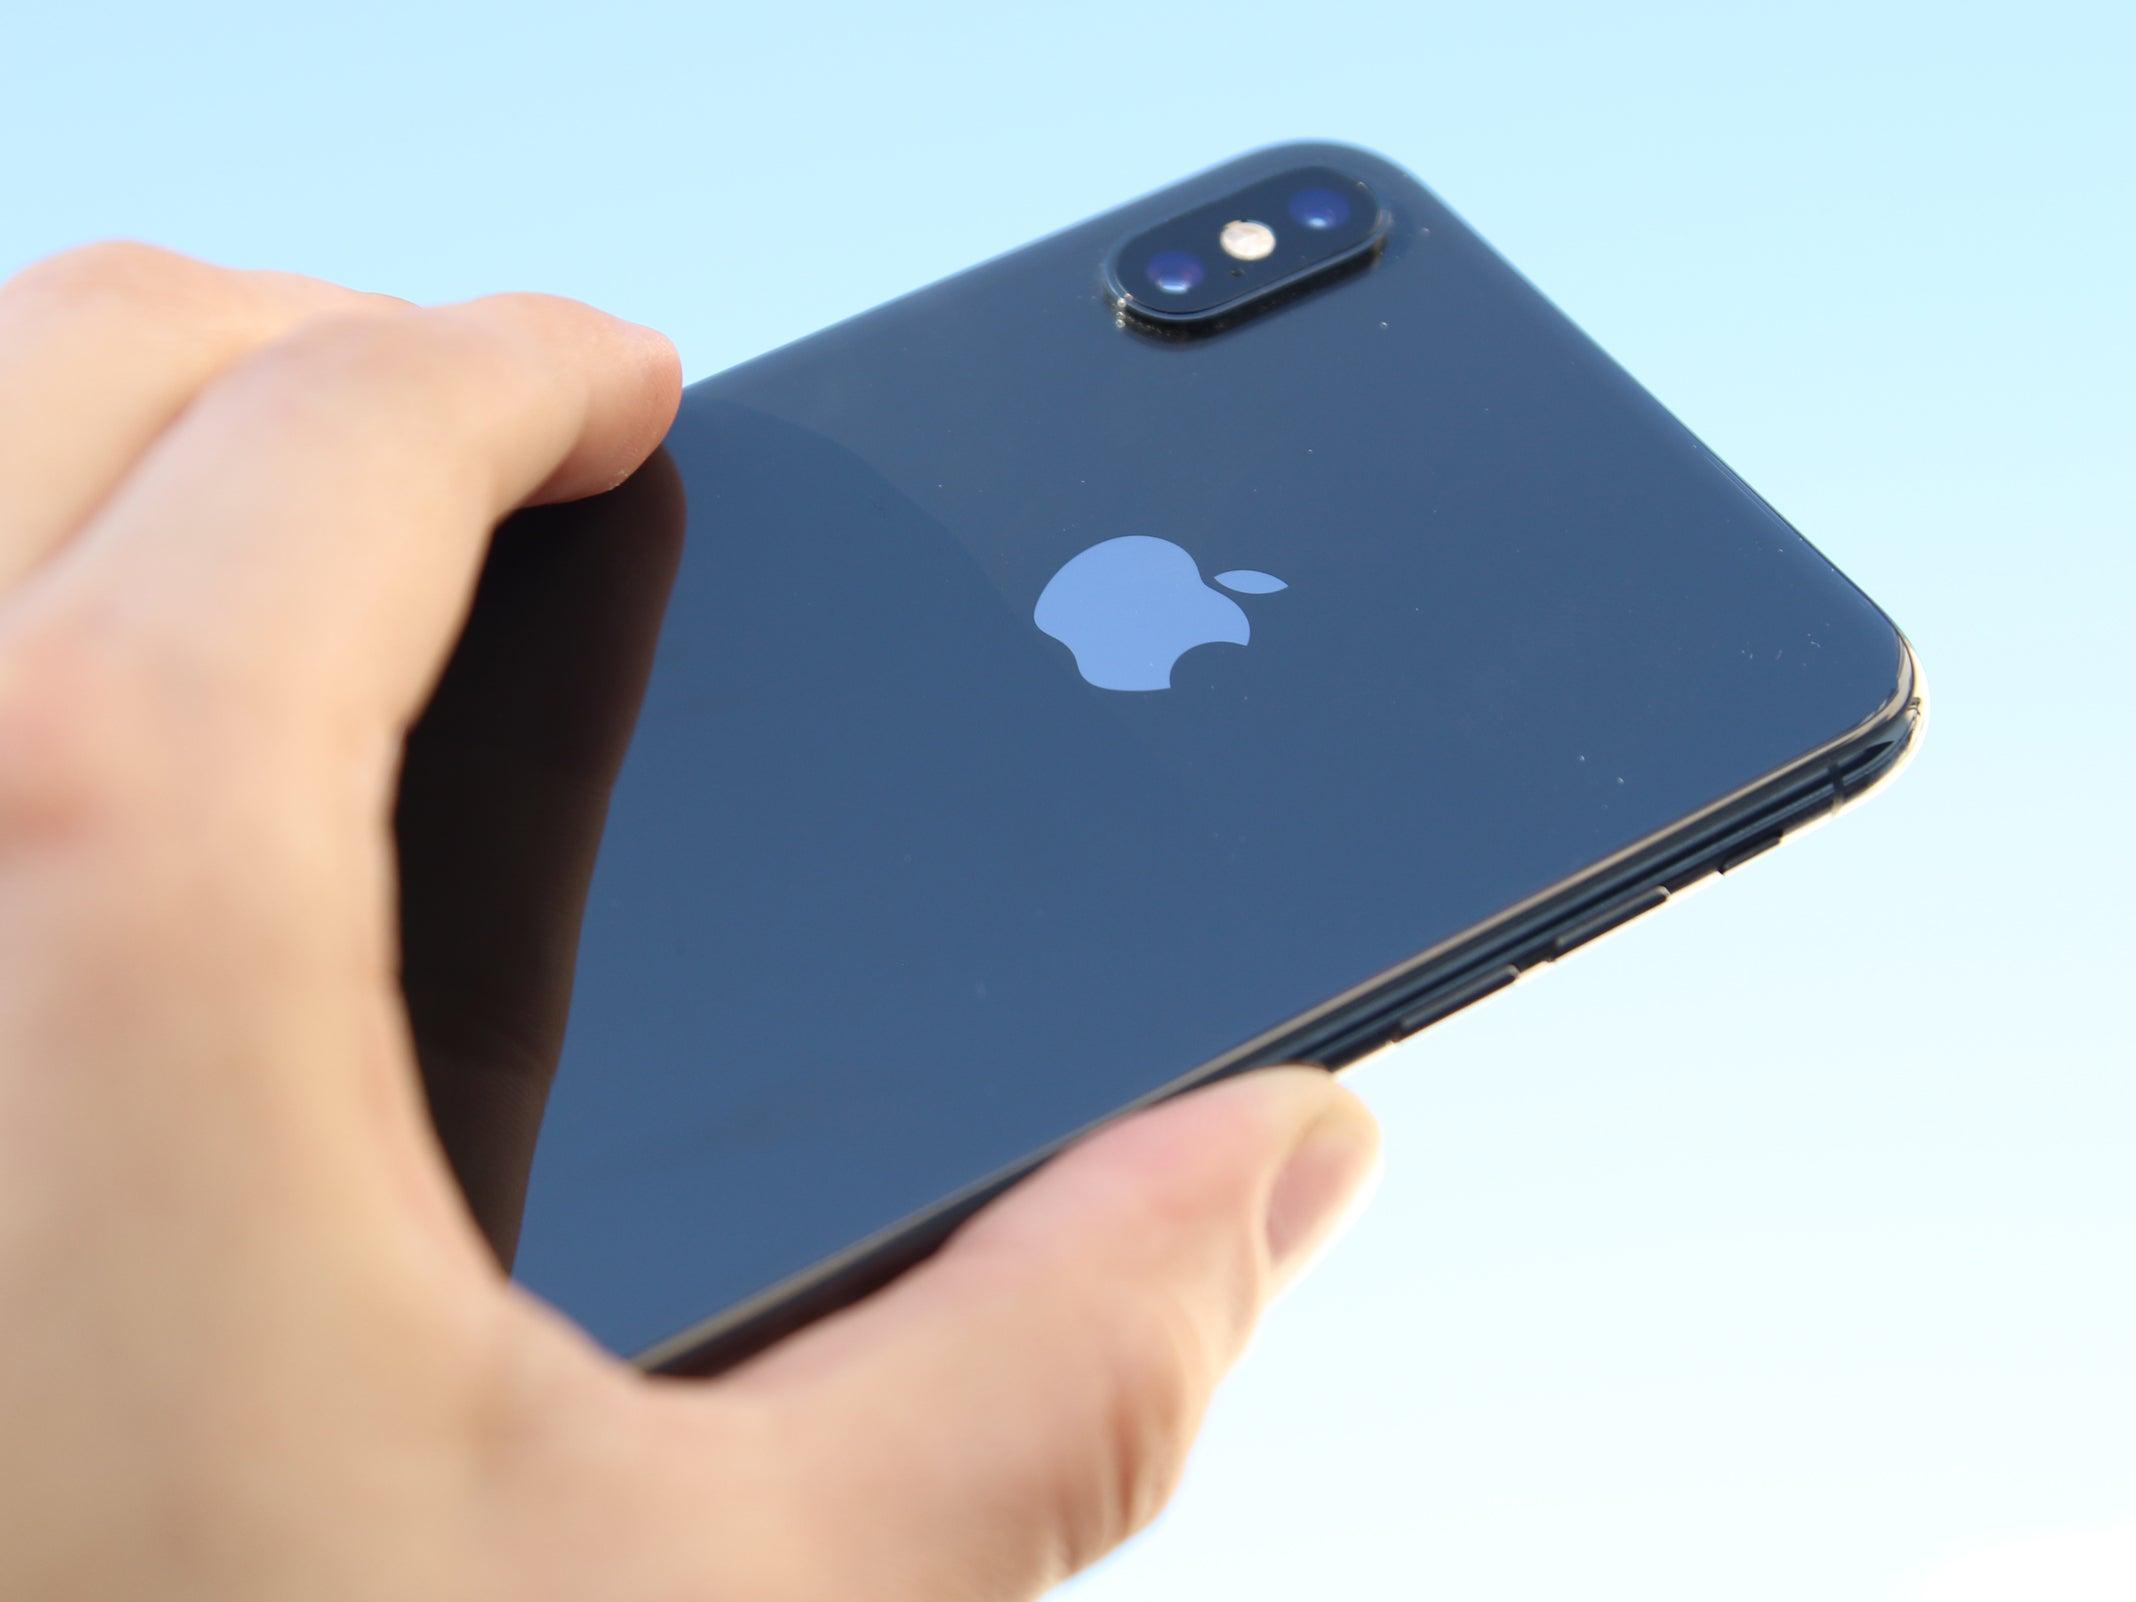 iphone xs max 15 tipps f r einsteiger und android wechsler. Black Bedroom Furniture Sets. Home Design Ideas